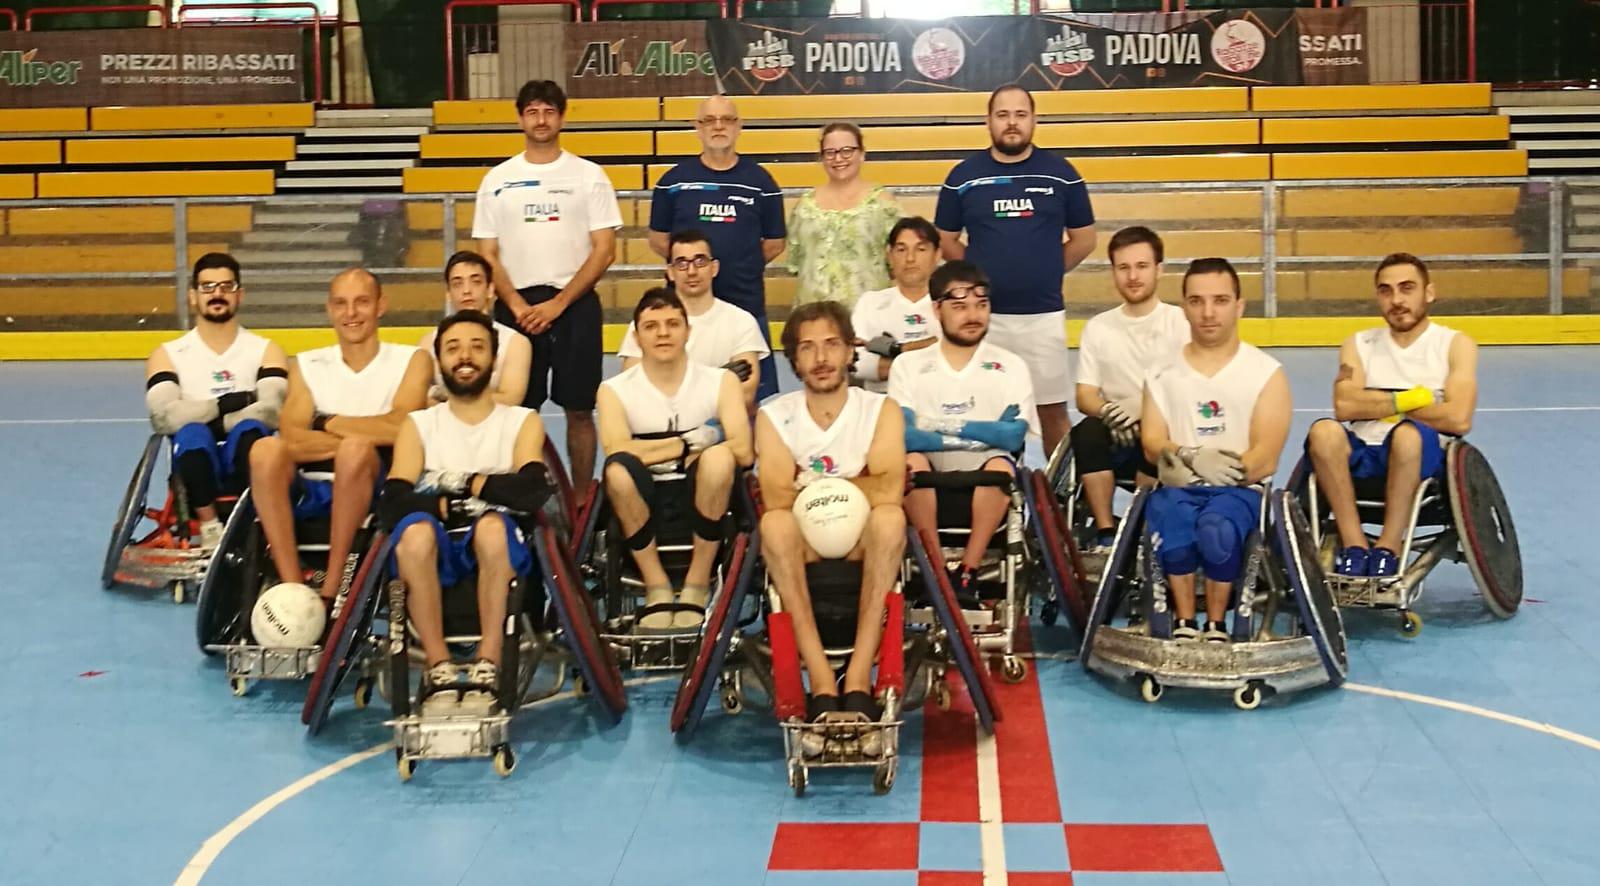 Rugby in carrozzina italia convocati trofeo internazionale di Barcellona